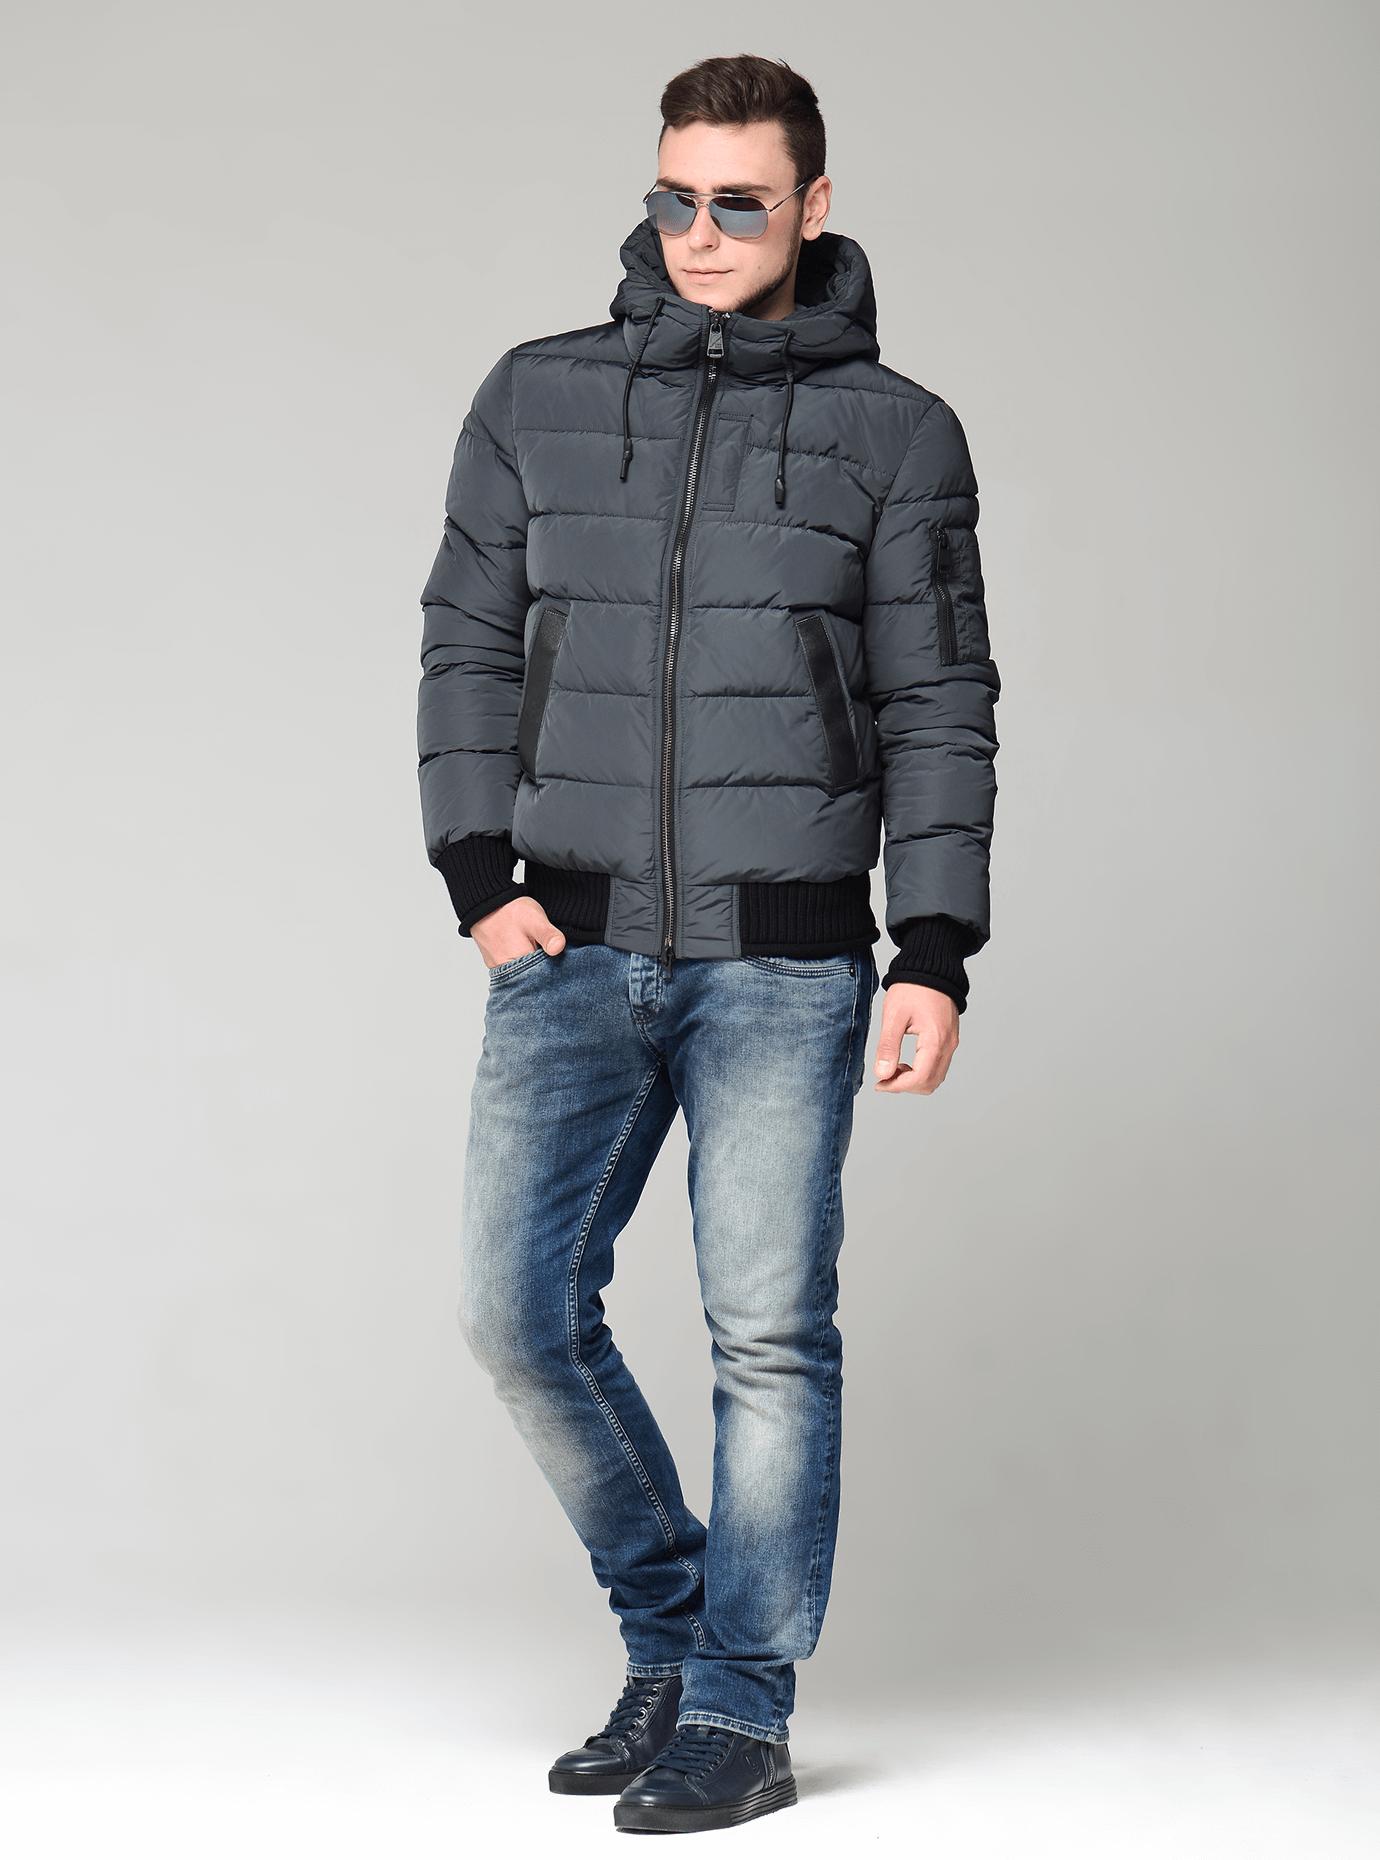 Зимняя мужская куртка Чёрный 46 (02-MC19206): фото - Alster.ua